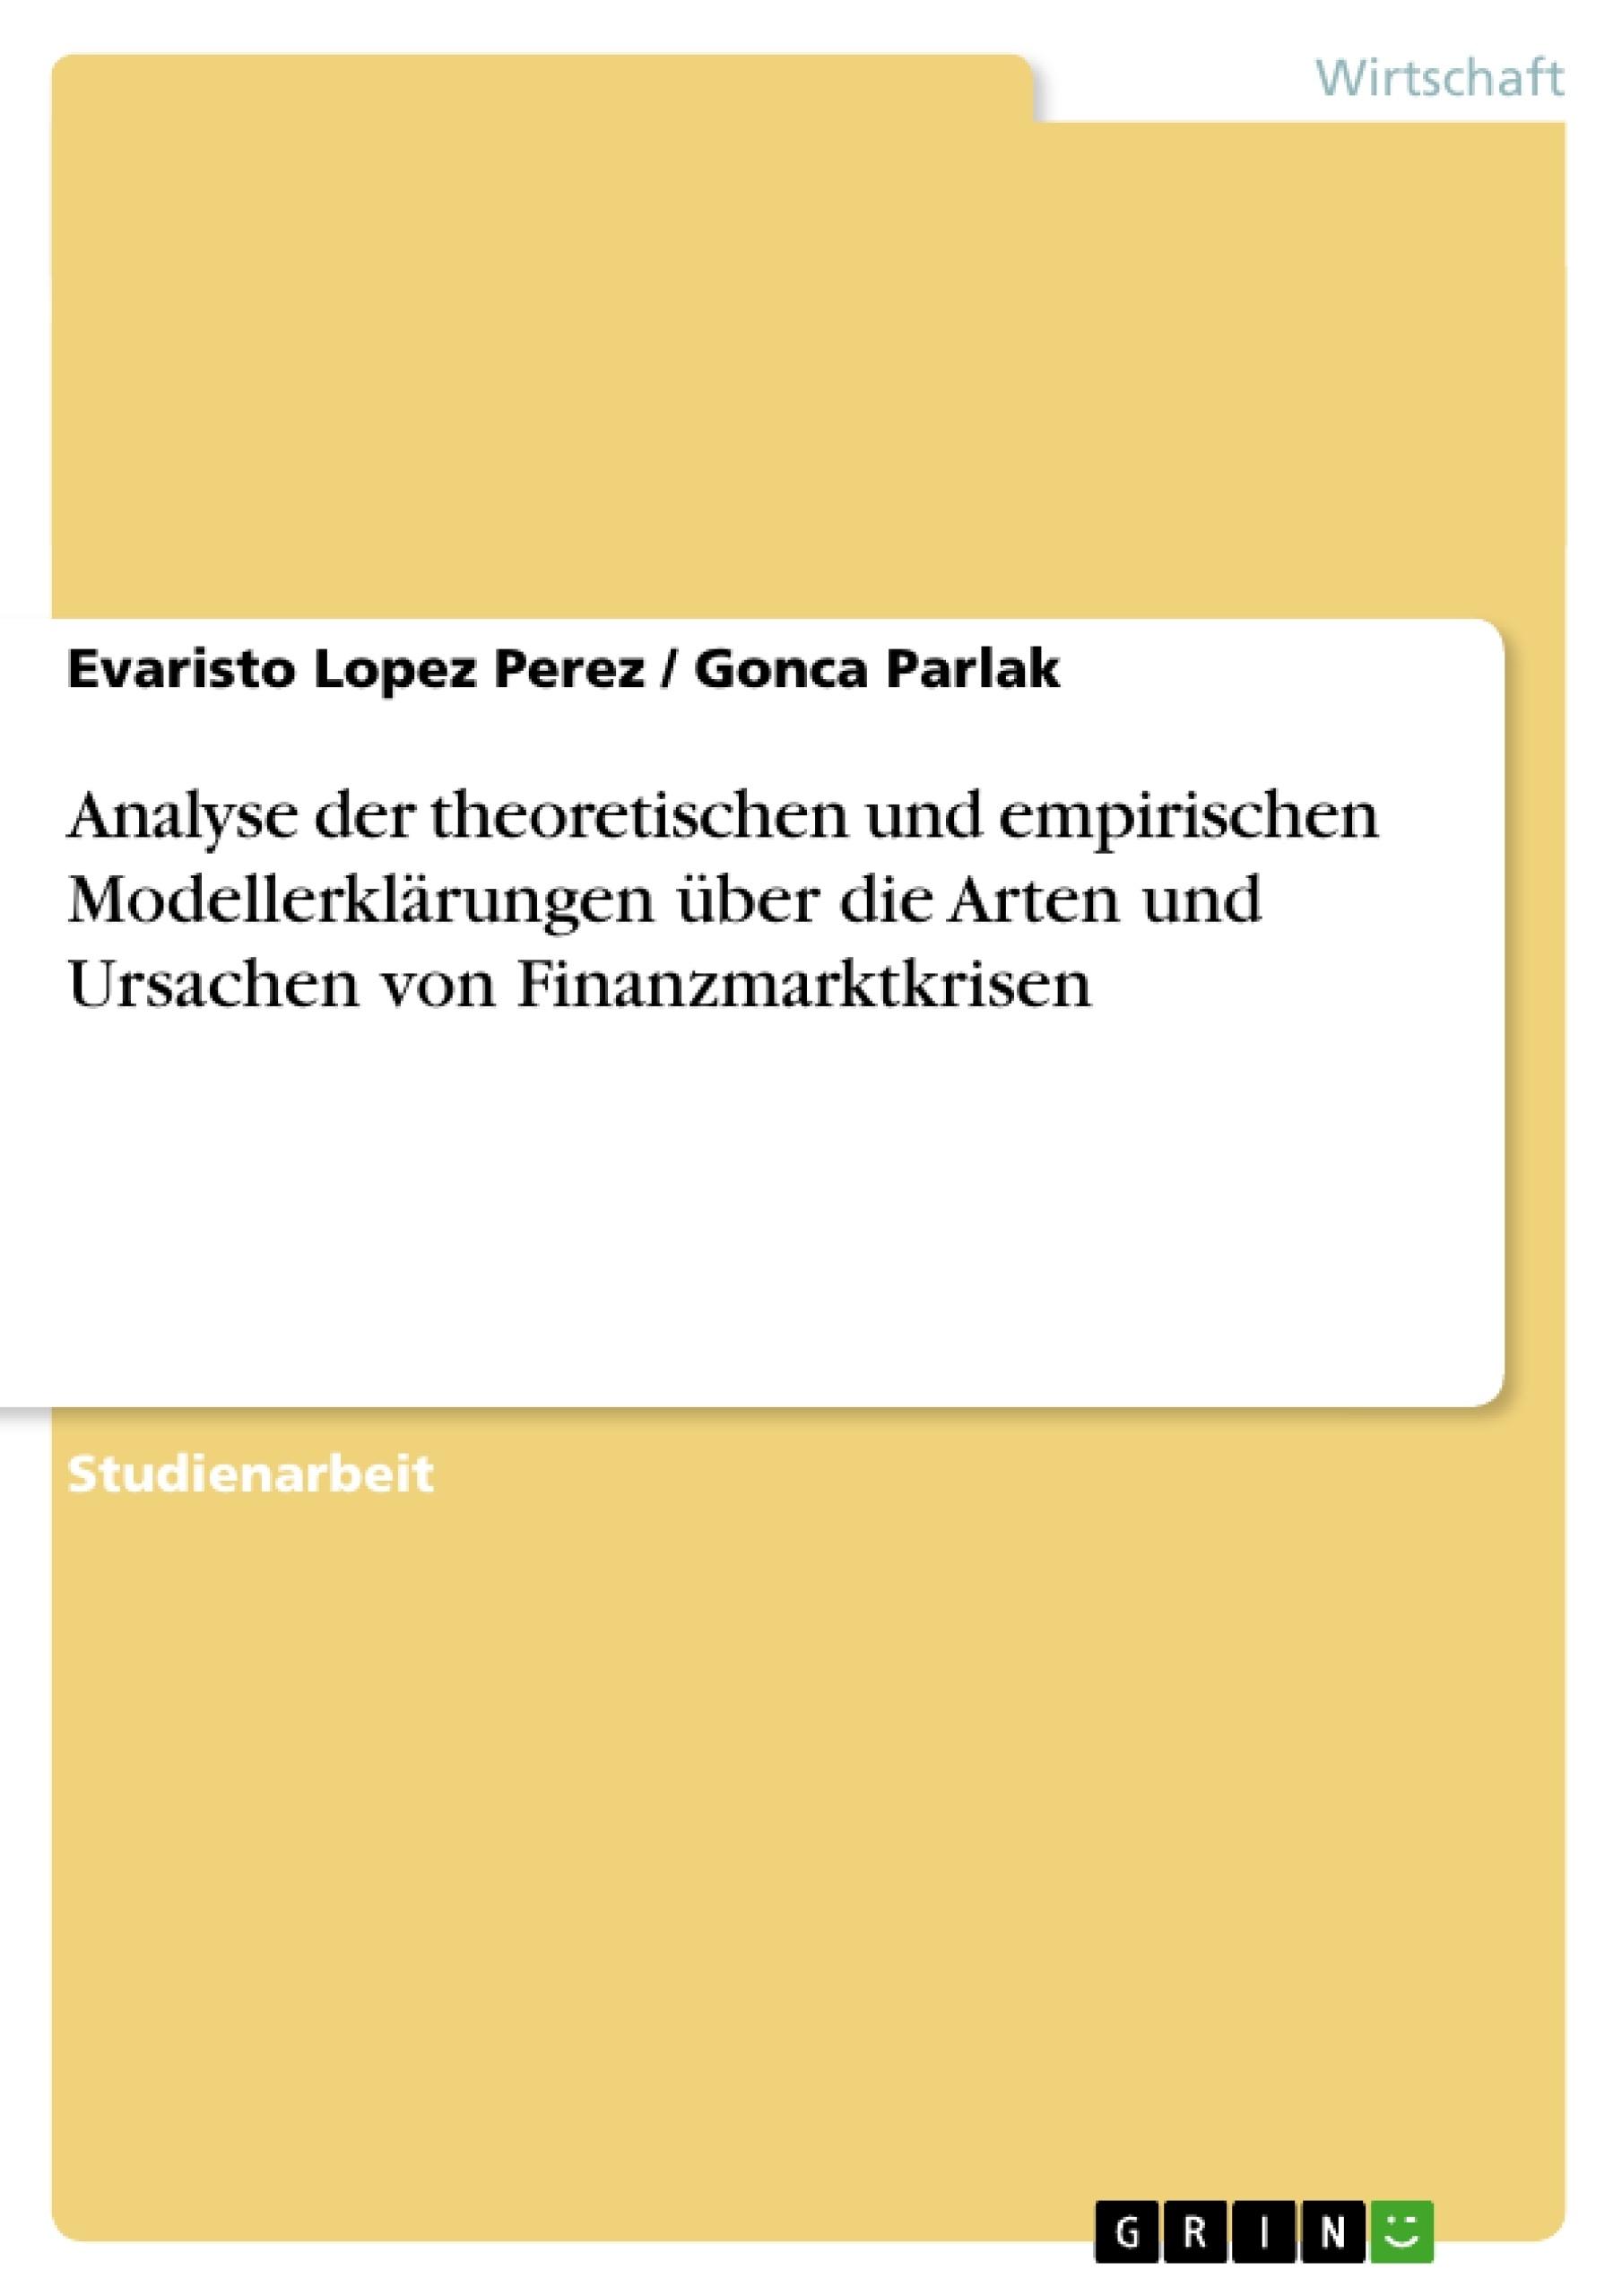 Titel: Analyse der theoretischen und empirischen Modellerklärungen über die Arten und Ursachen von Finanzmarktkrisen